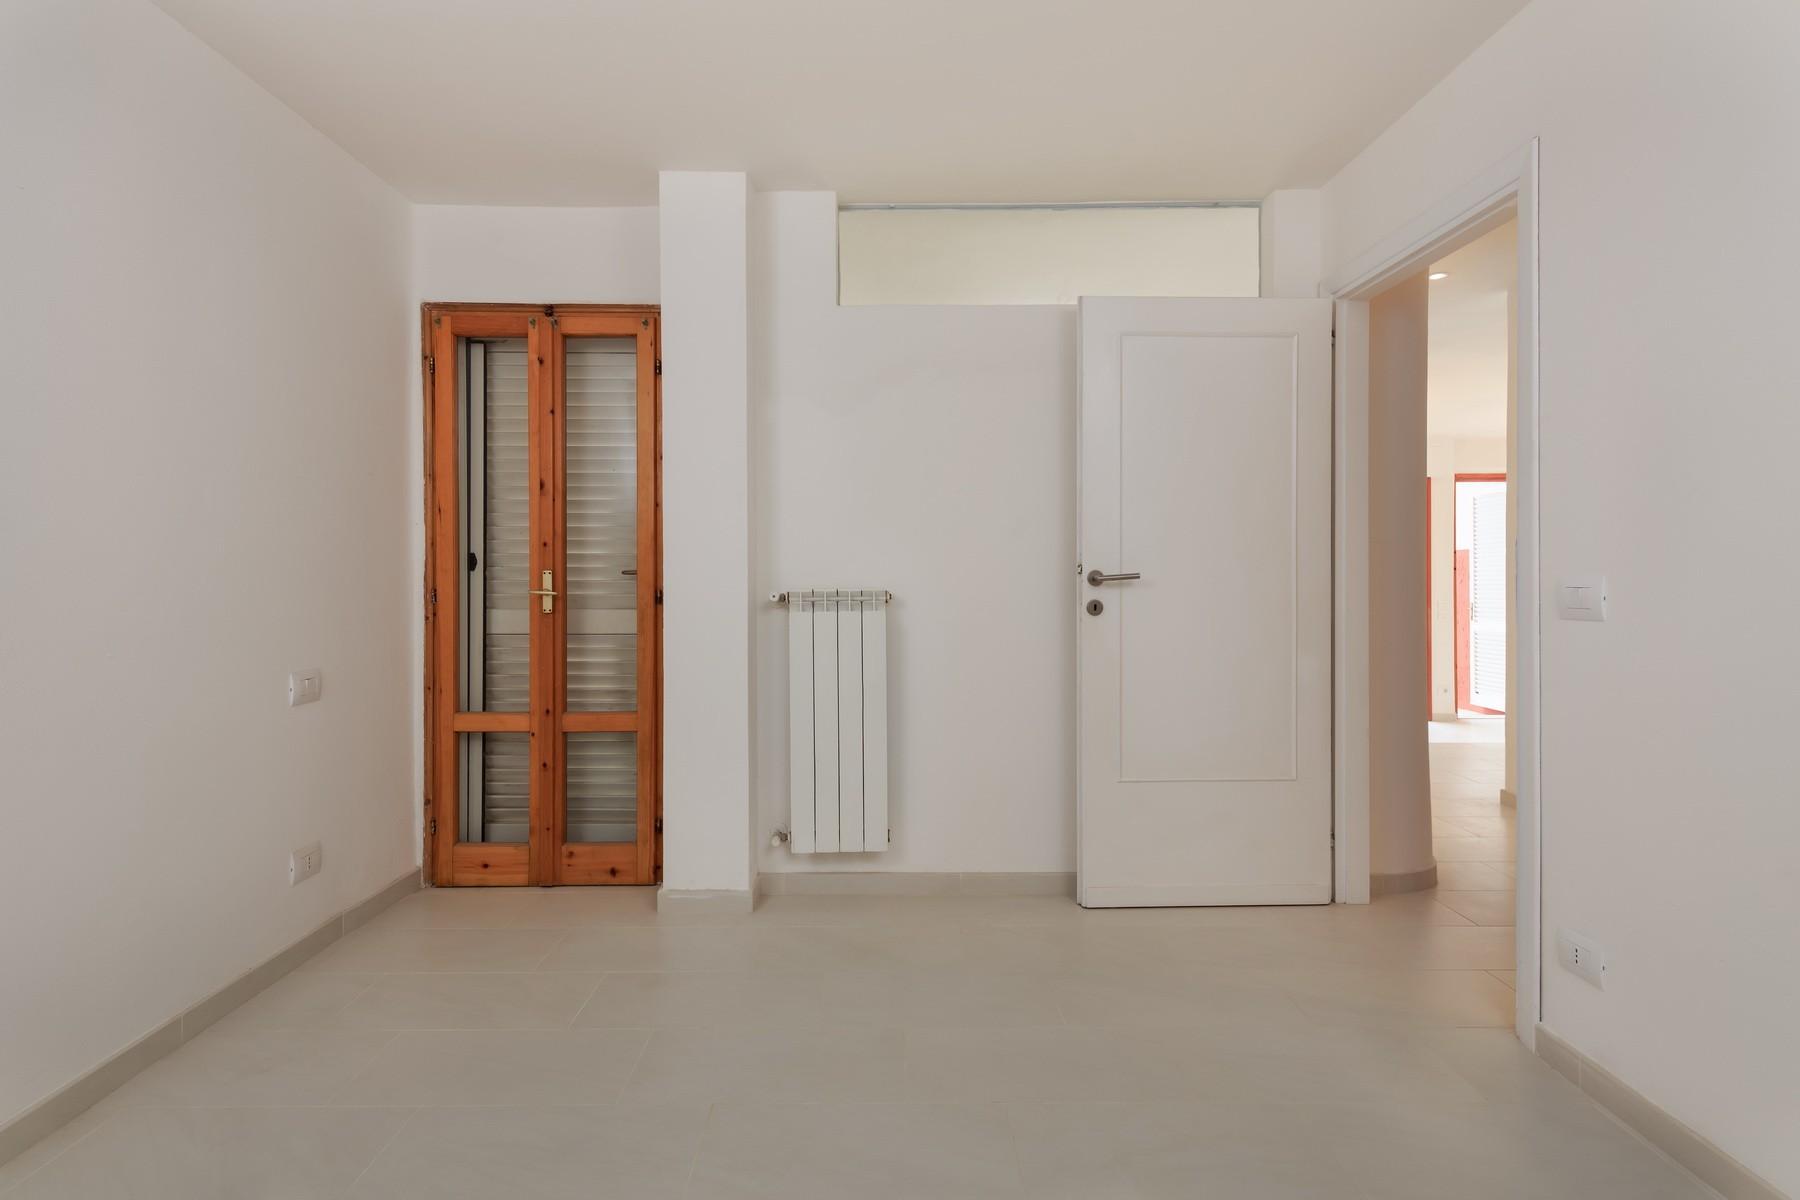 Casa indipendente in Vendita a Castiglione Della Pescaia: 4 locali, 80 mq - Foto 9